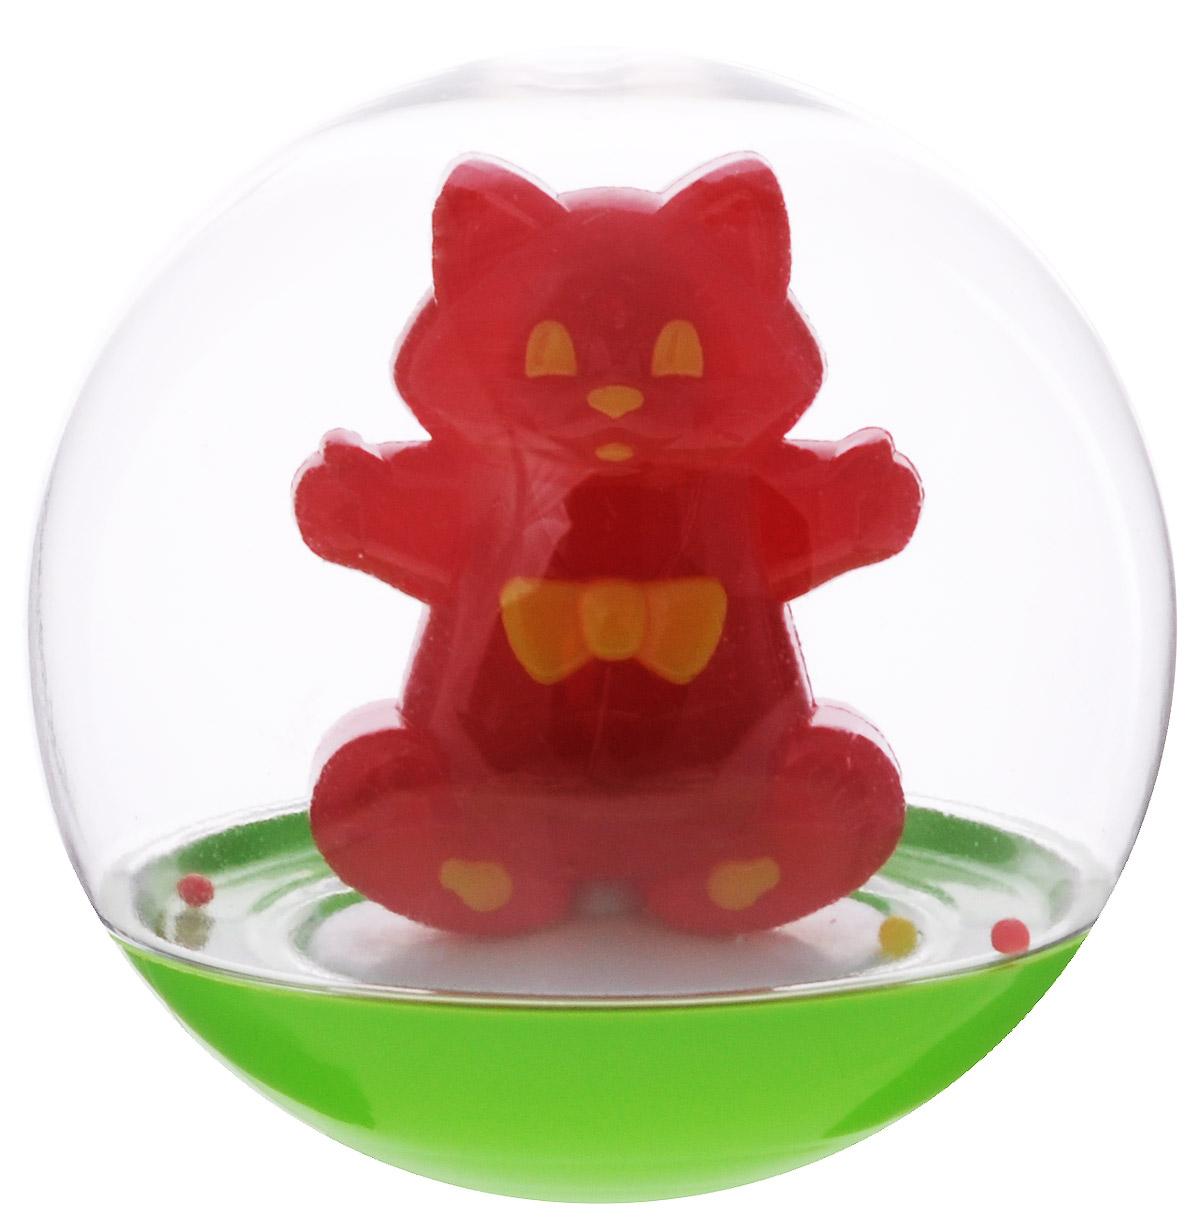 Stellar Погремушка-неваляшка Кот цвет красный1_красный/котПогремушка-неваляшка Stellar Кот не позволит скучать вашему малышу на улице, дома и во время водных процедур. Игрушка выполнена из безопасного и прочного материала в виде симпатичного кота в прозрачном круглом шаре. Неваляшка забавно покачивается под приятный звук погремушки, развлекая малыша. Неваляшка развивает мелкую моторику, координацию, слух и цветовое восприятие.